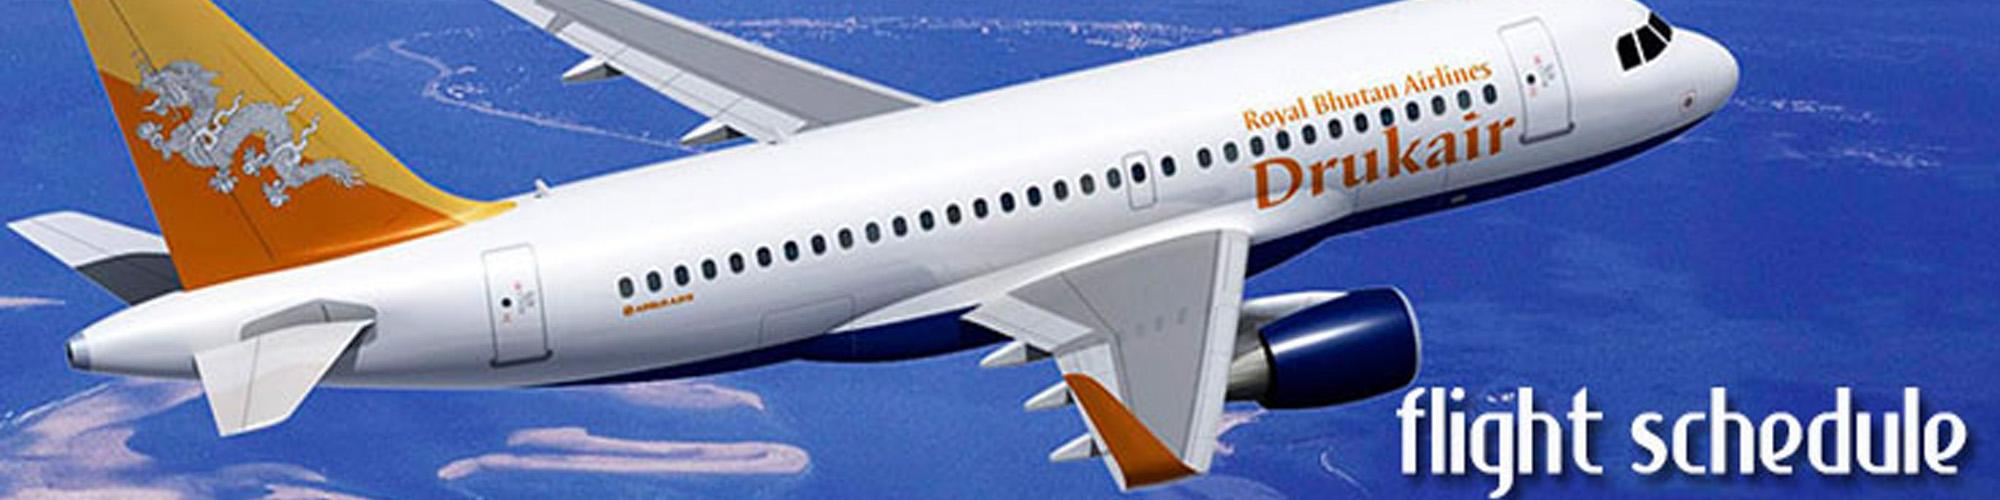 Bhutan Airlines flight schedule